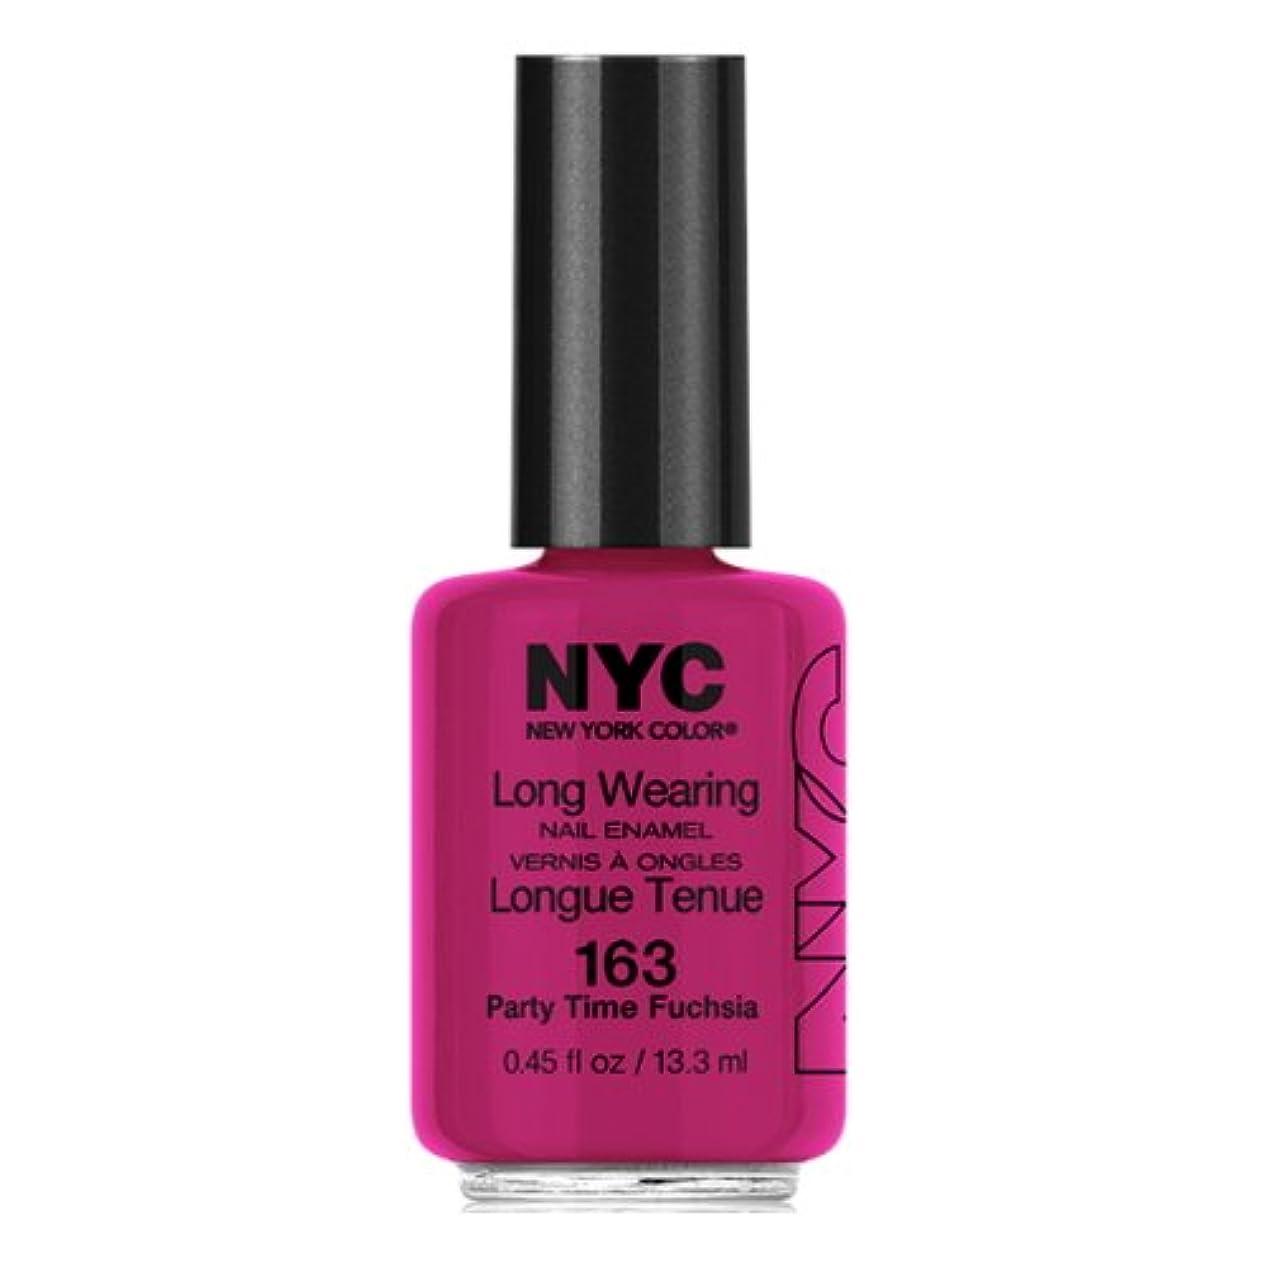 お金ゴム検索エンジン最適化参加する(6 Pack) NYC Long Wearing Nail Enamel - Party Time Fuschia (並行輸入品)